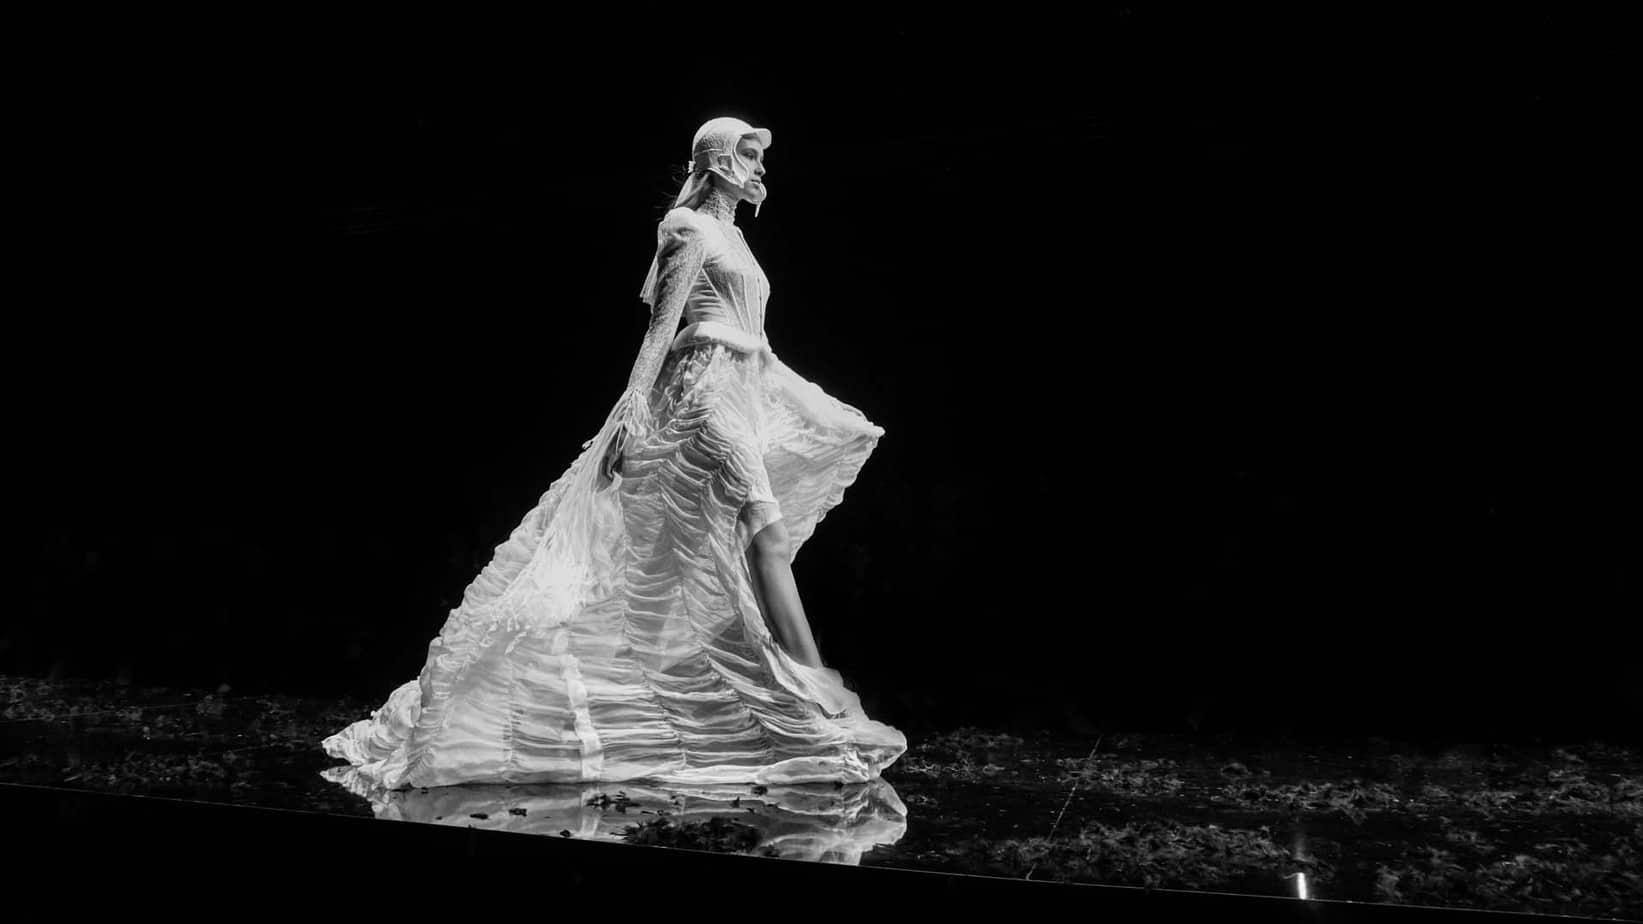 ויוי בלאיש. שבוע האופנה תל אביב 2019. צילום עינב הלפגוט - 1